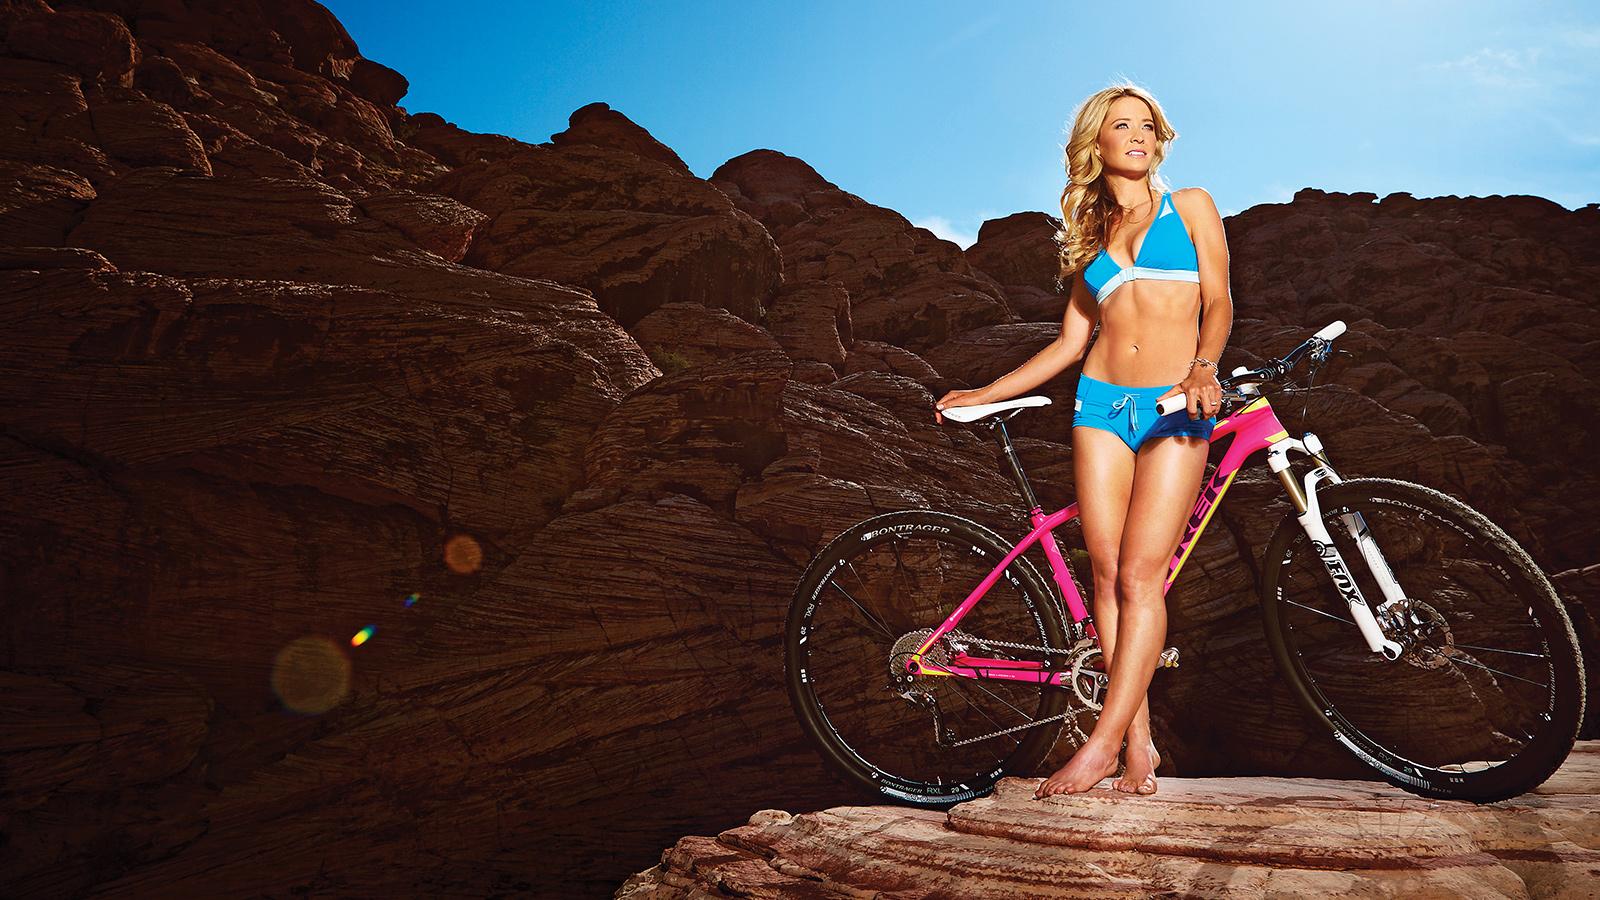 Emily Batty Kanada 7. legszebb sportolónője a Sportsnet magazin szerint